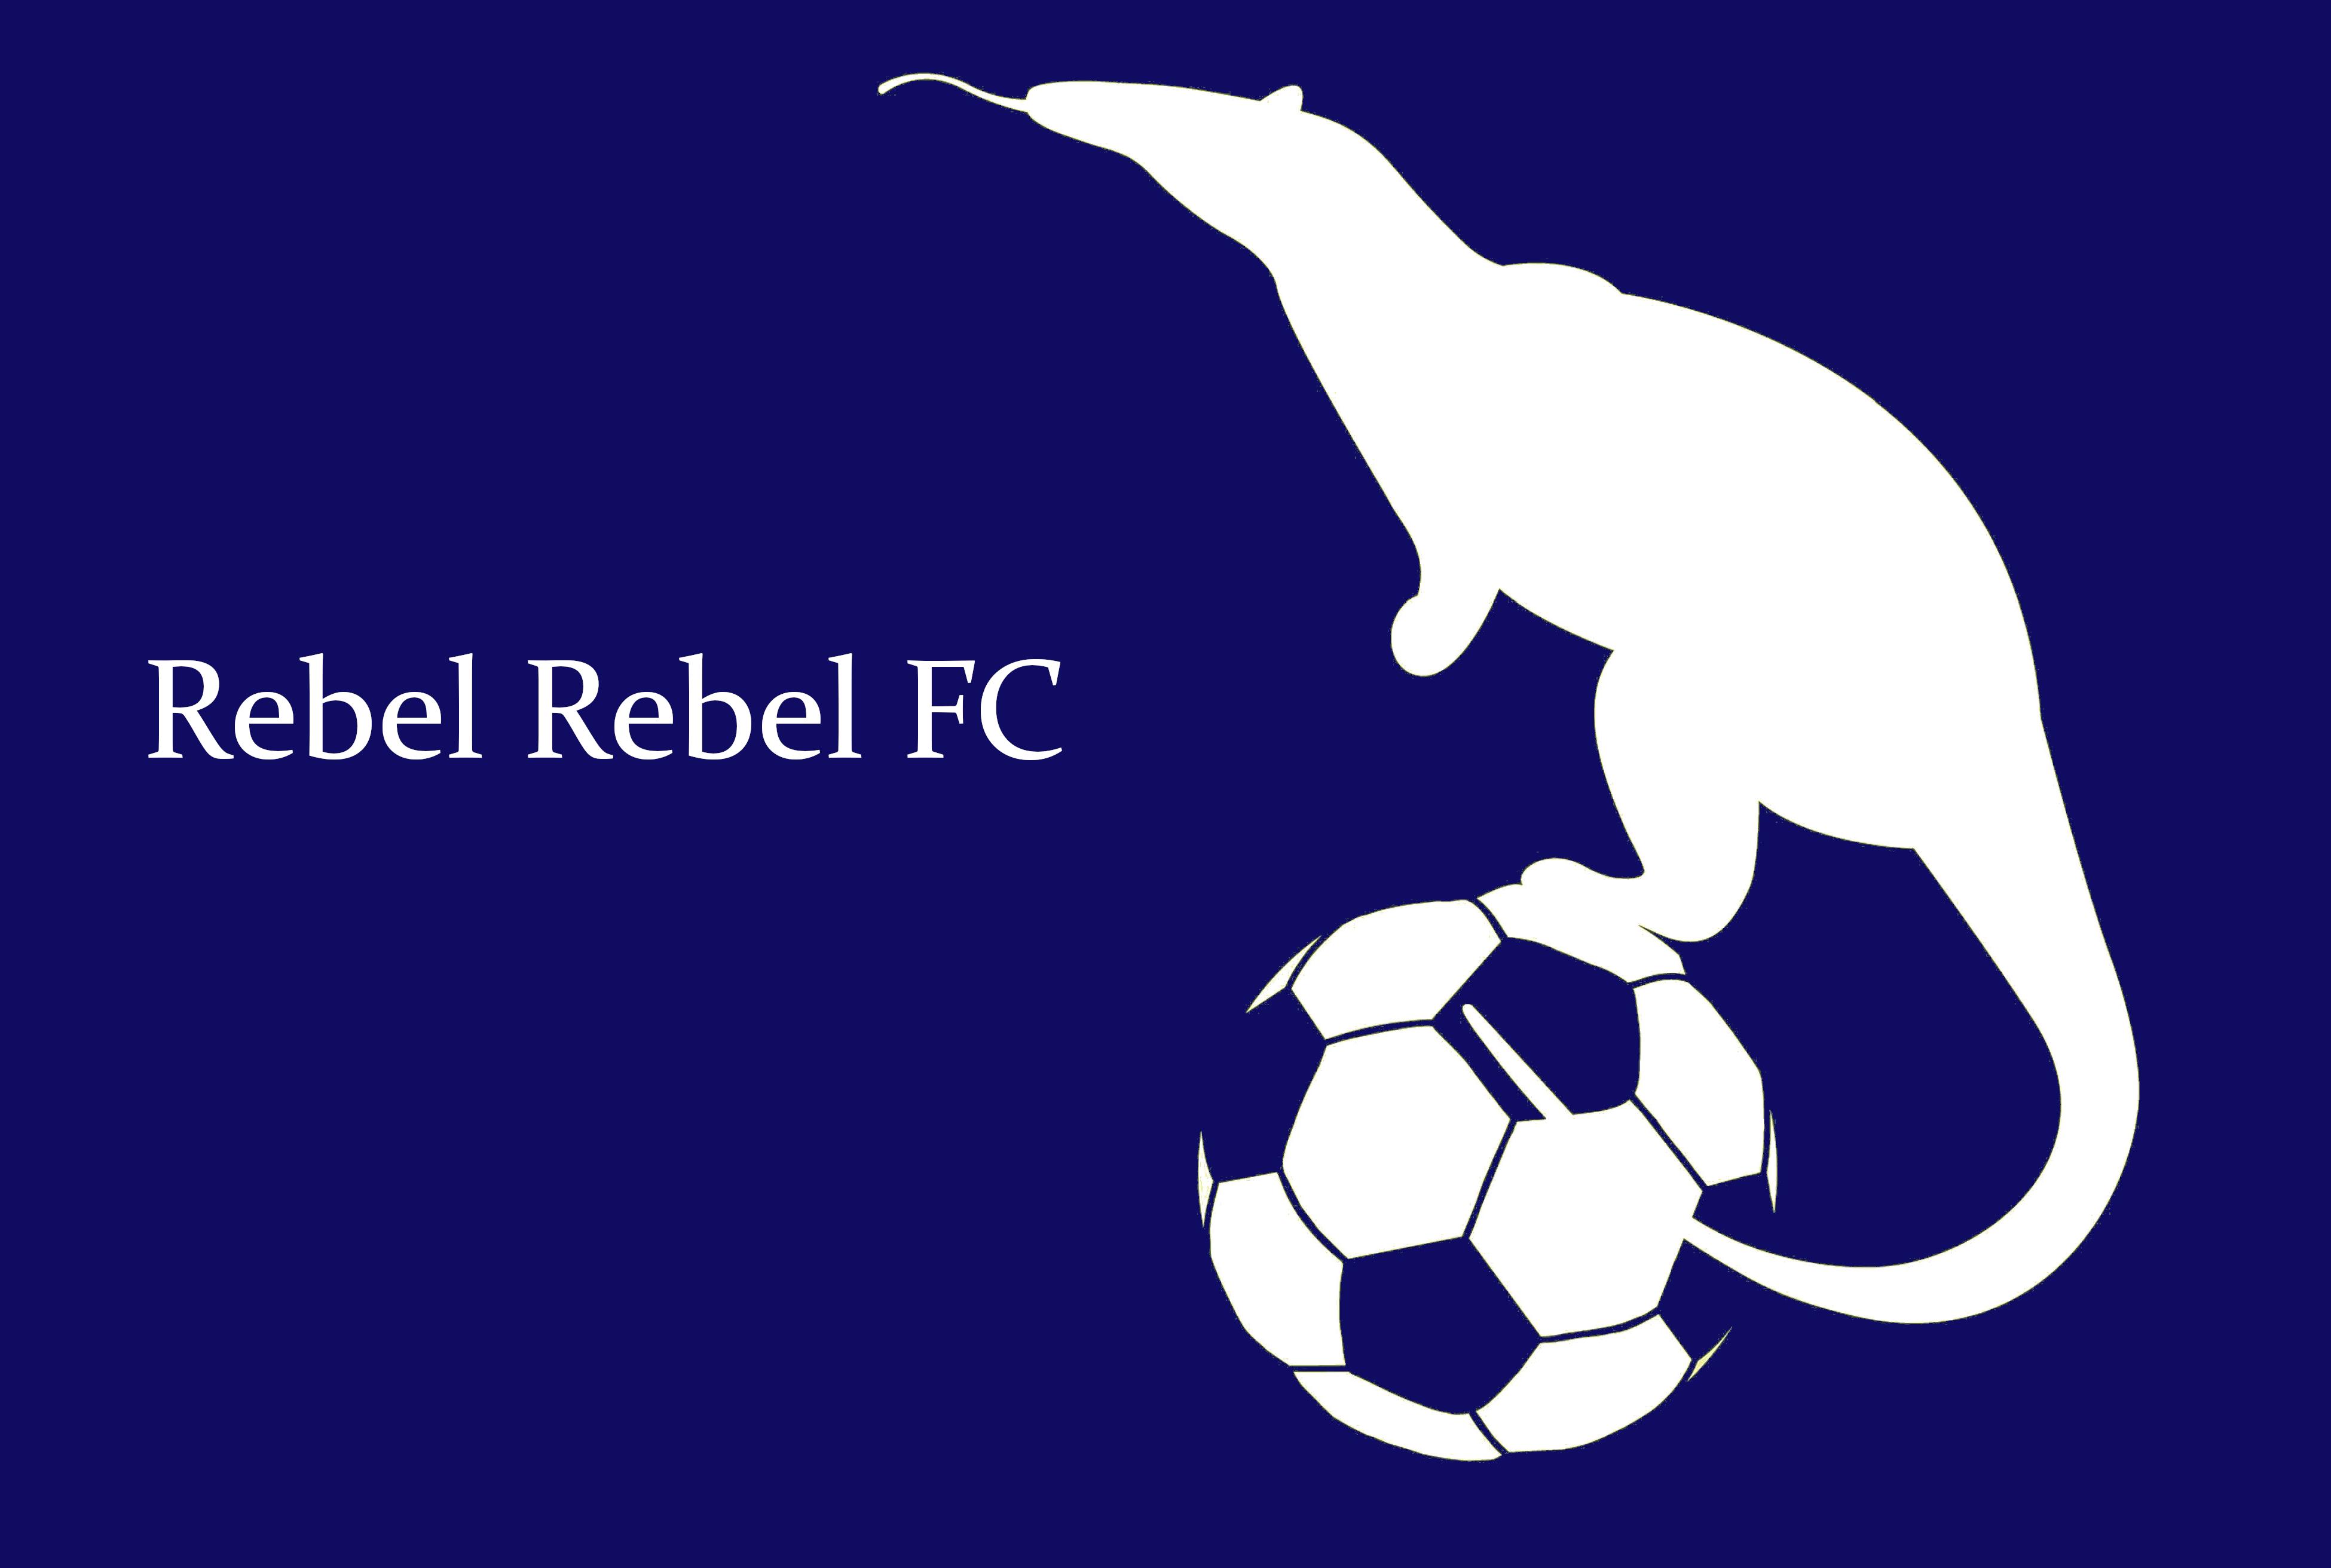 Rebel Rebel FC